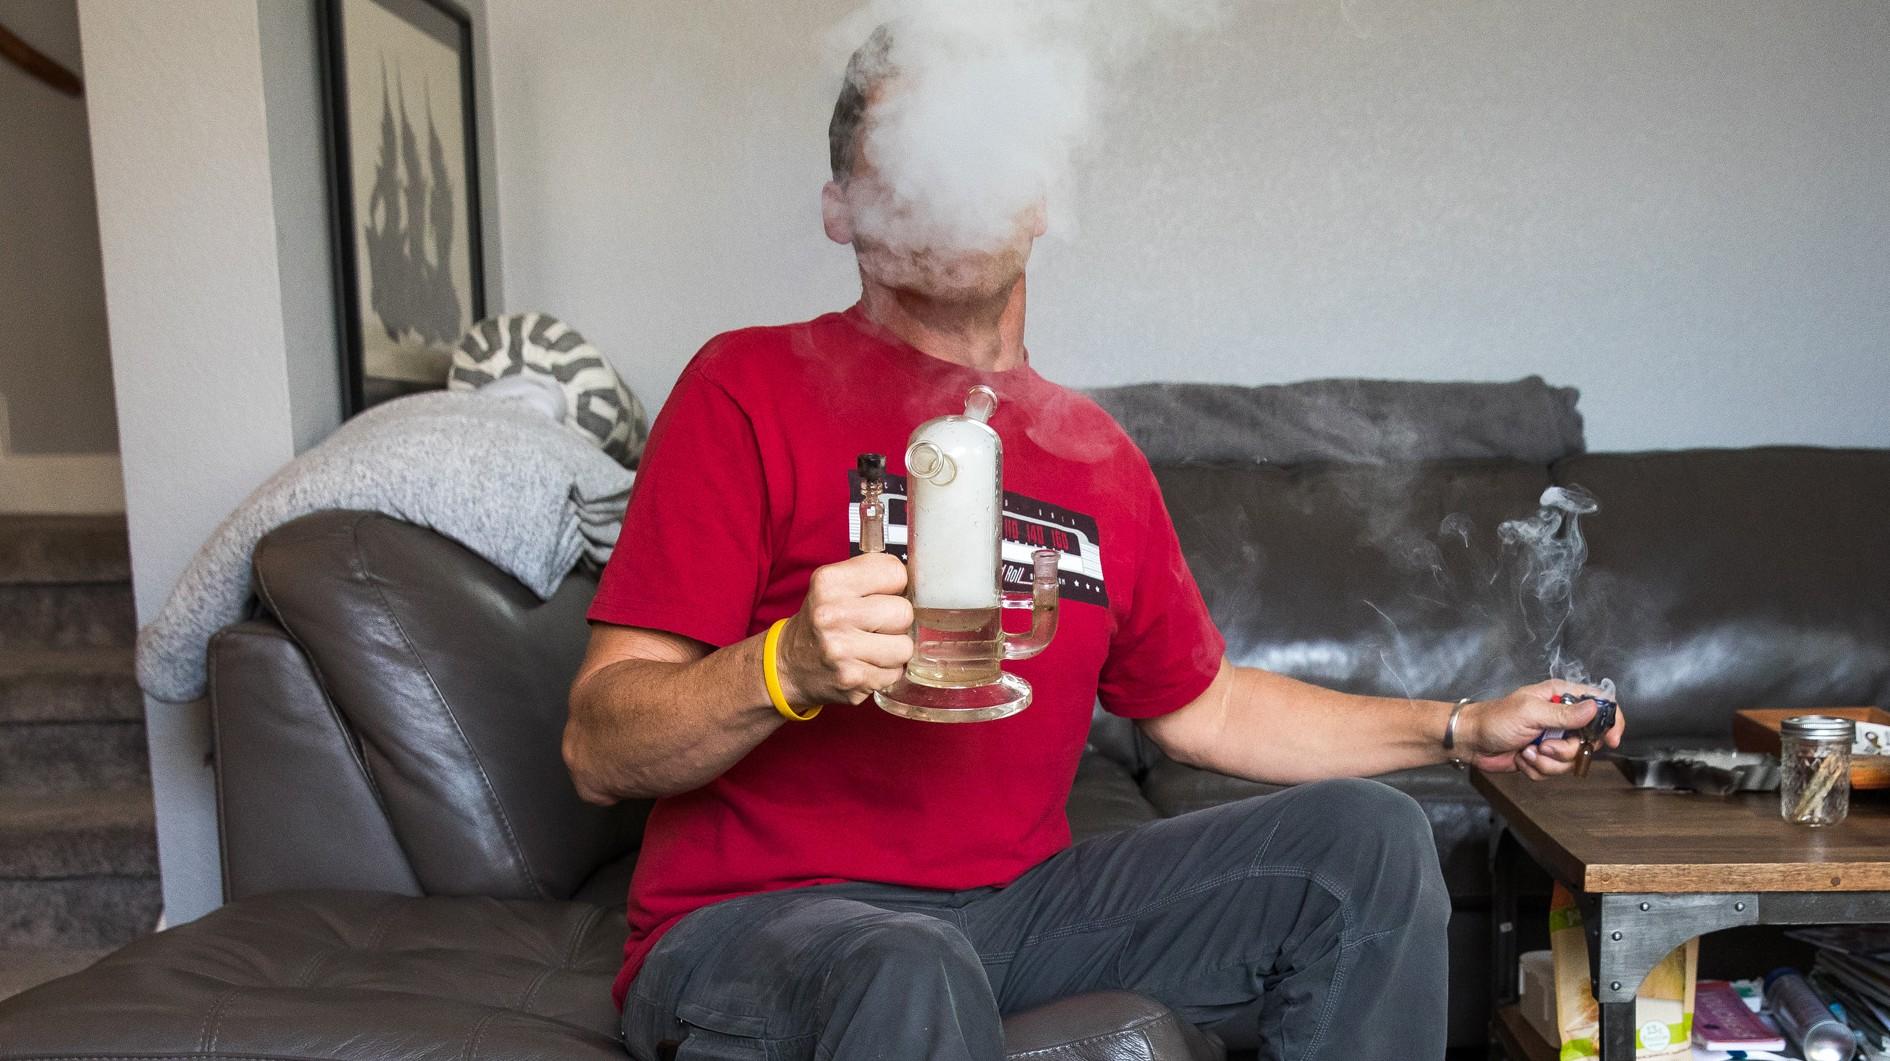 The Underground Marijuana Doctors of Texas